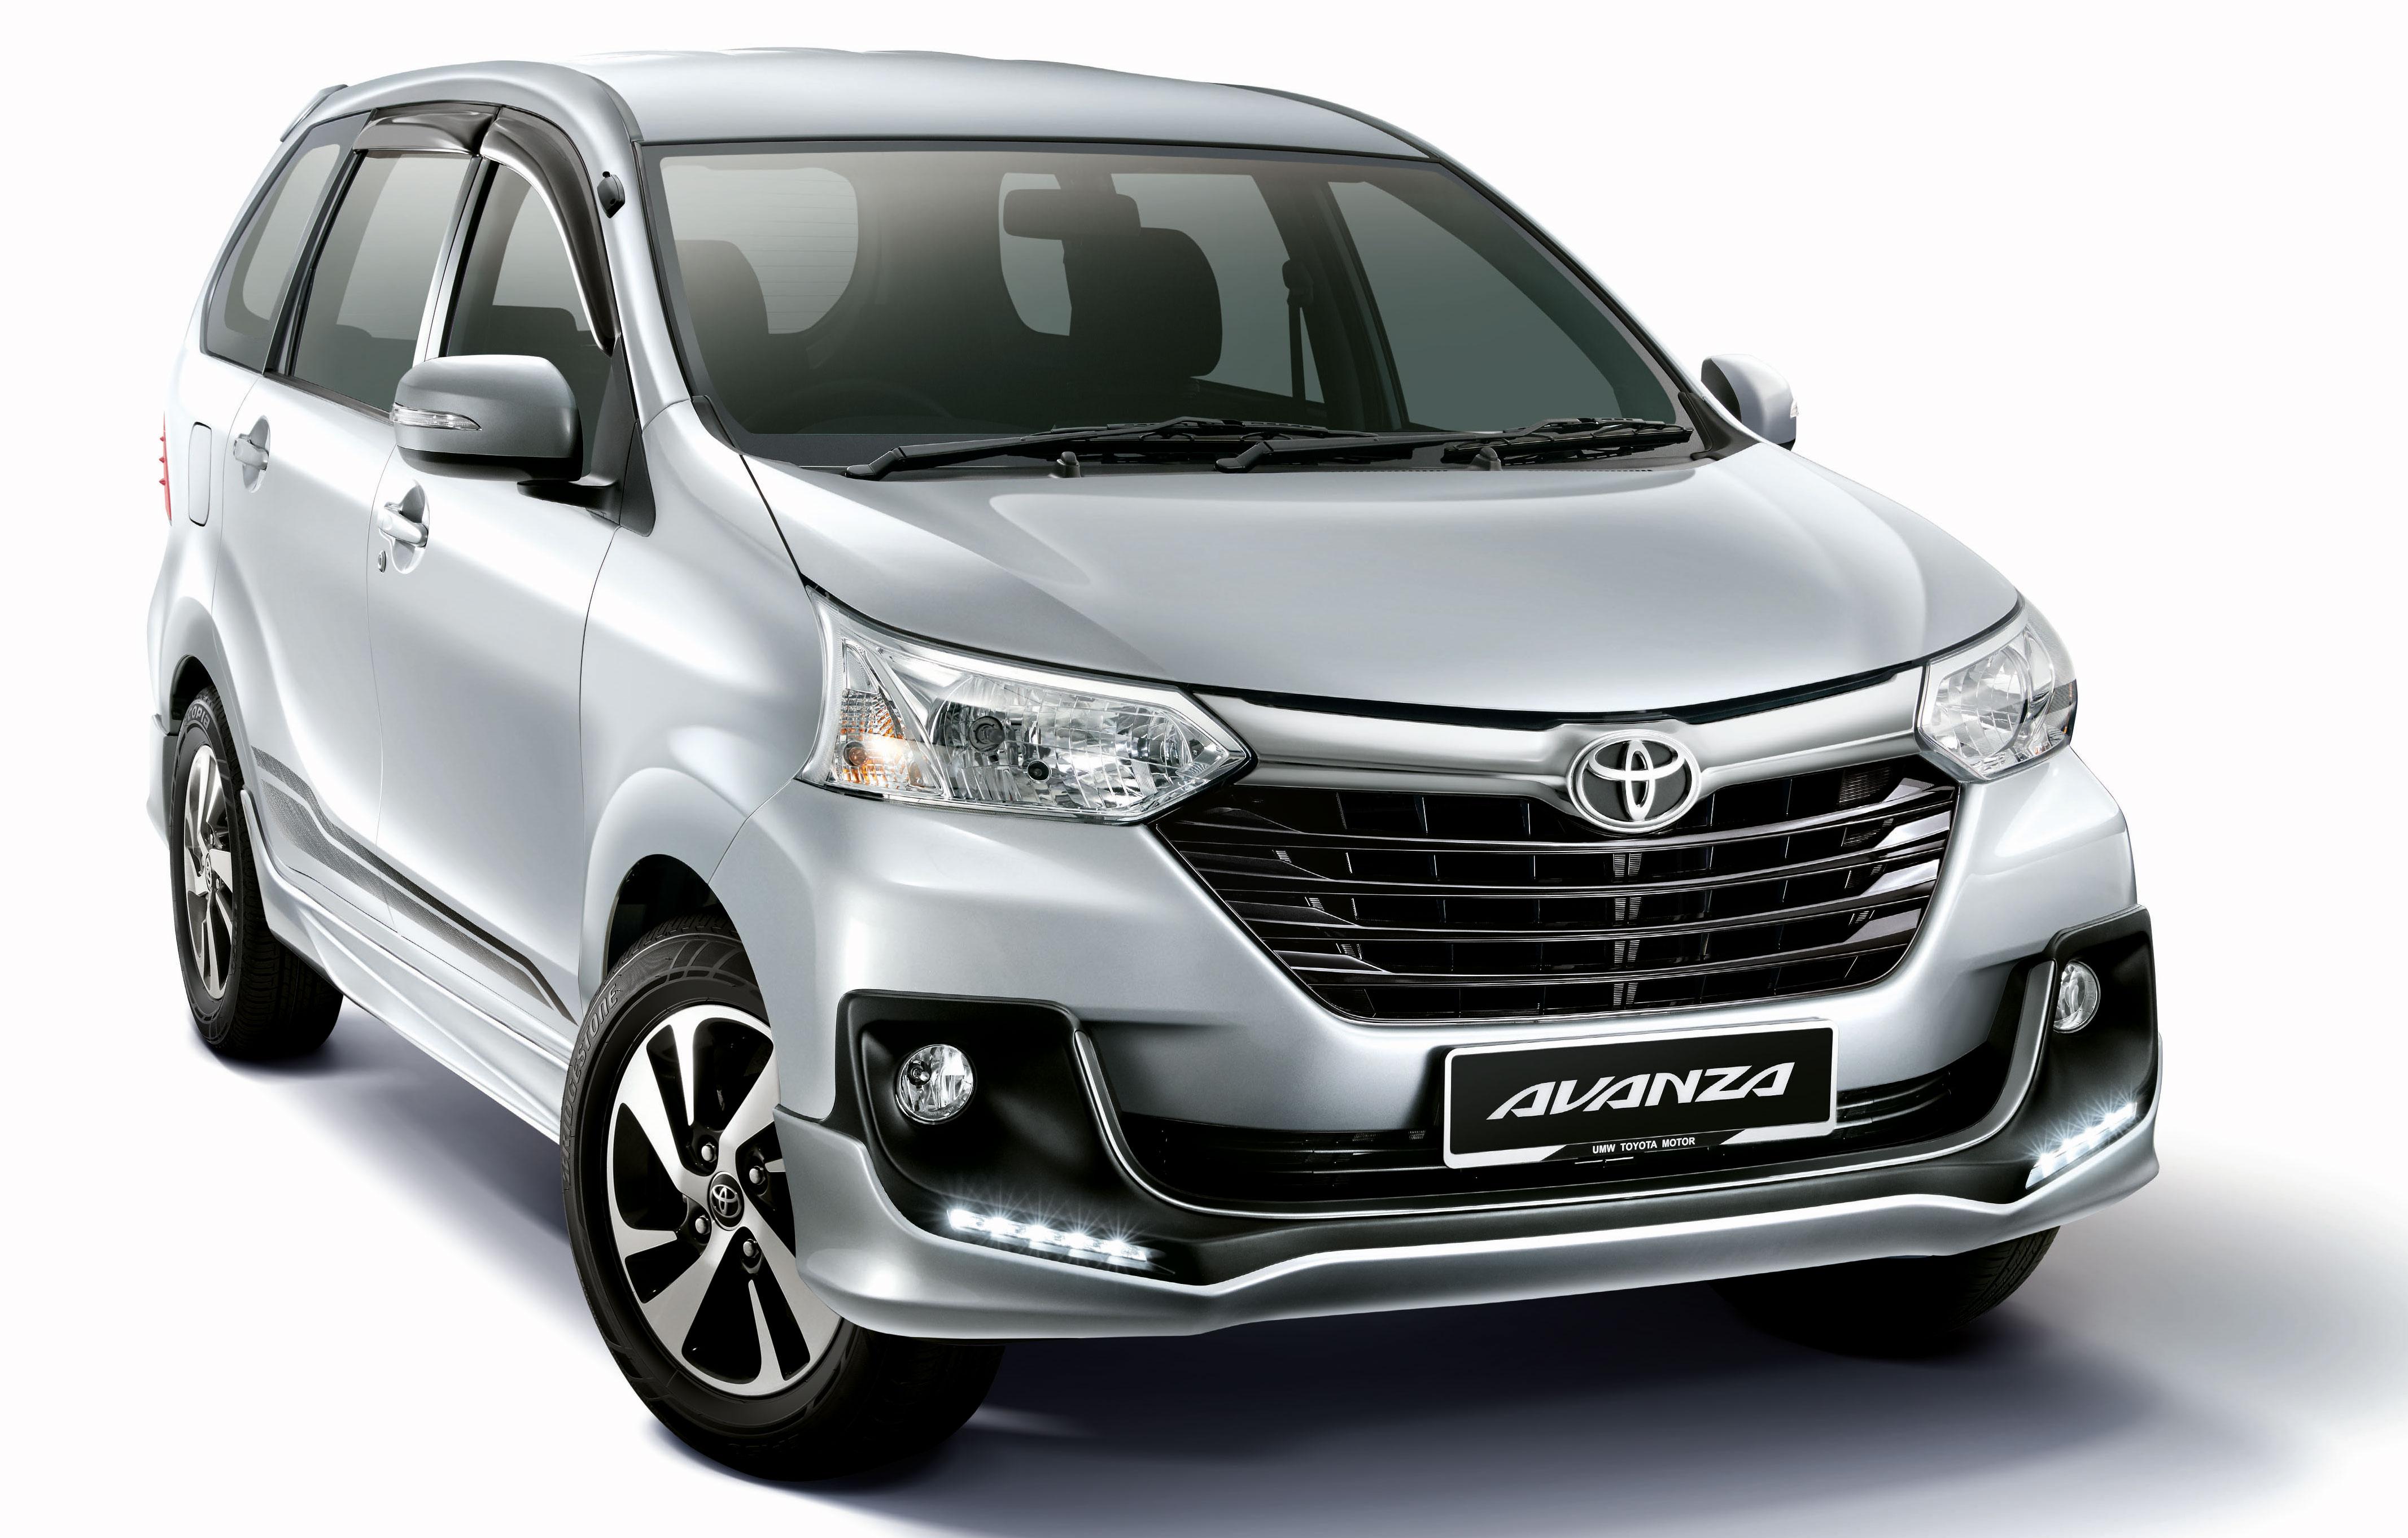 Sewa Avanza Surabaya, Rental Avanza Surabaya, Sewa mobil surabaya, sewa kendaraan surabaya, rental kendaraan surabaya